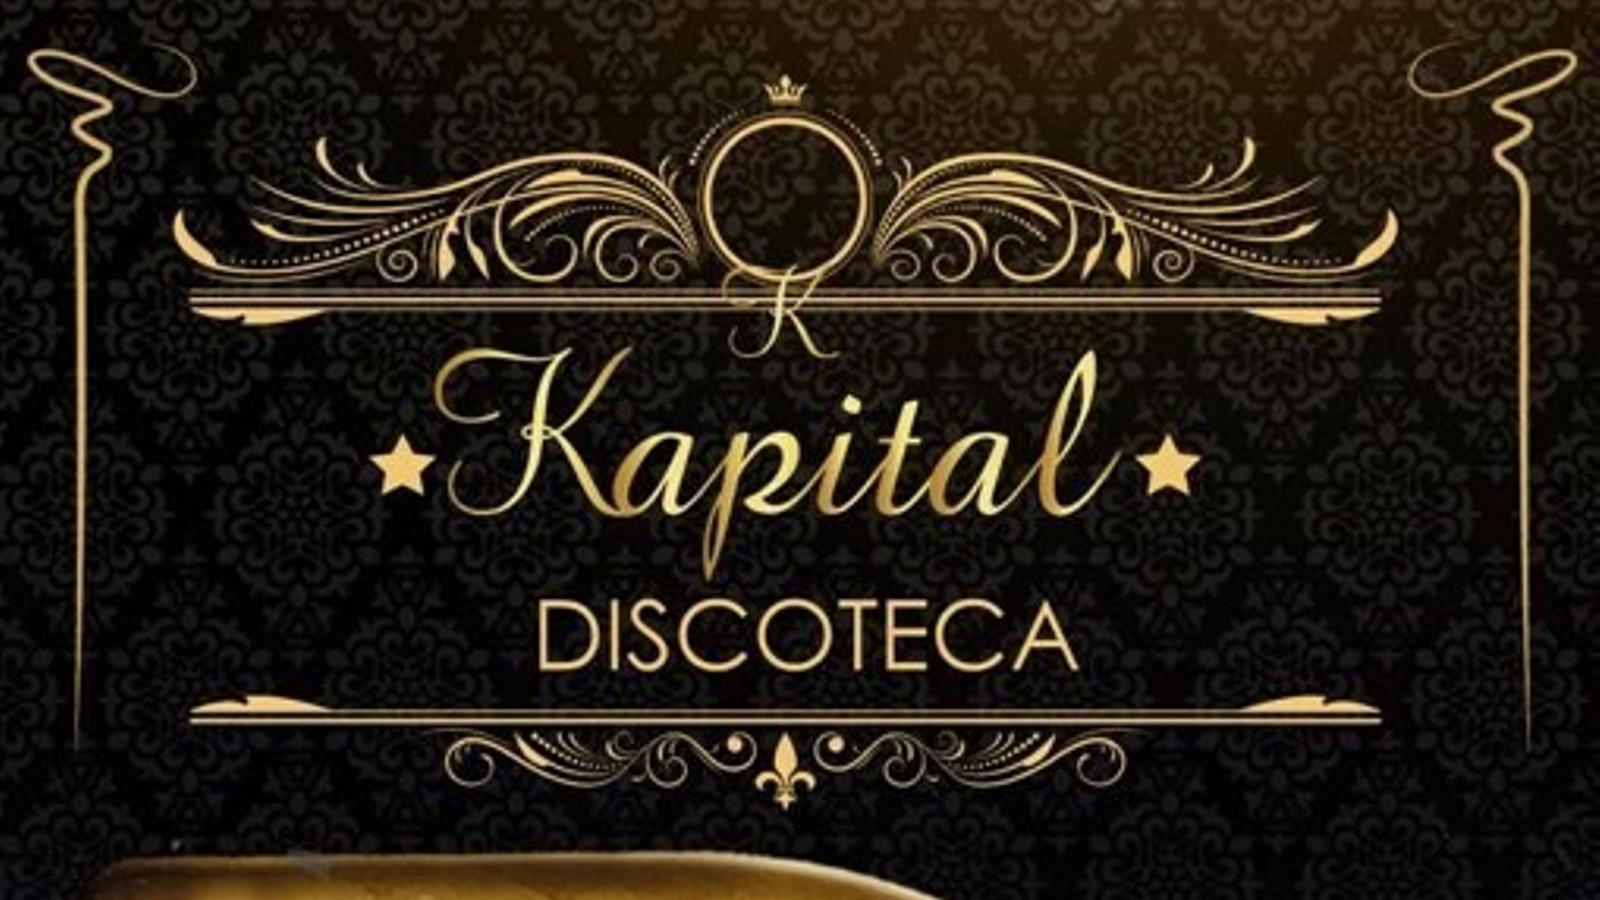 Inauguració de la discoteca Kapital.